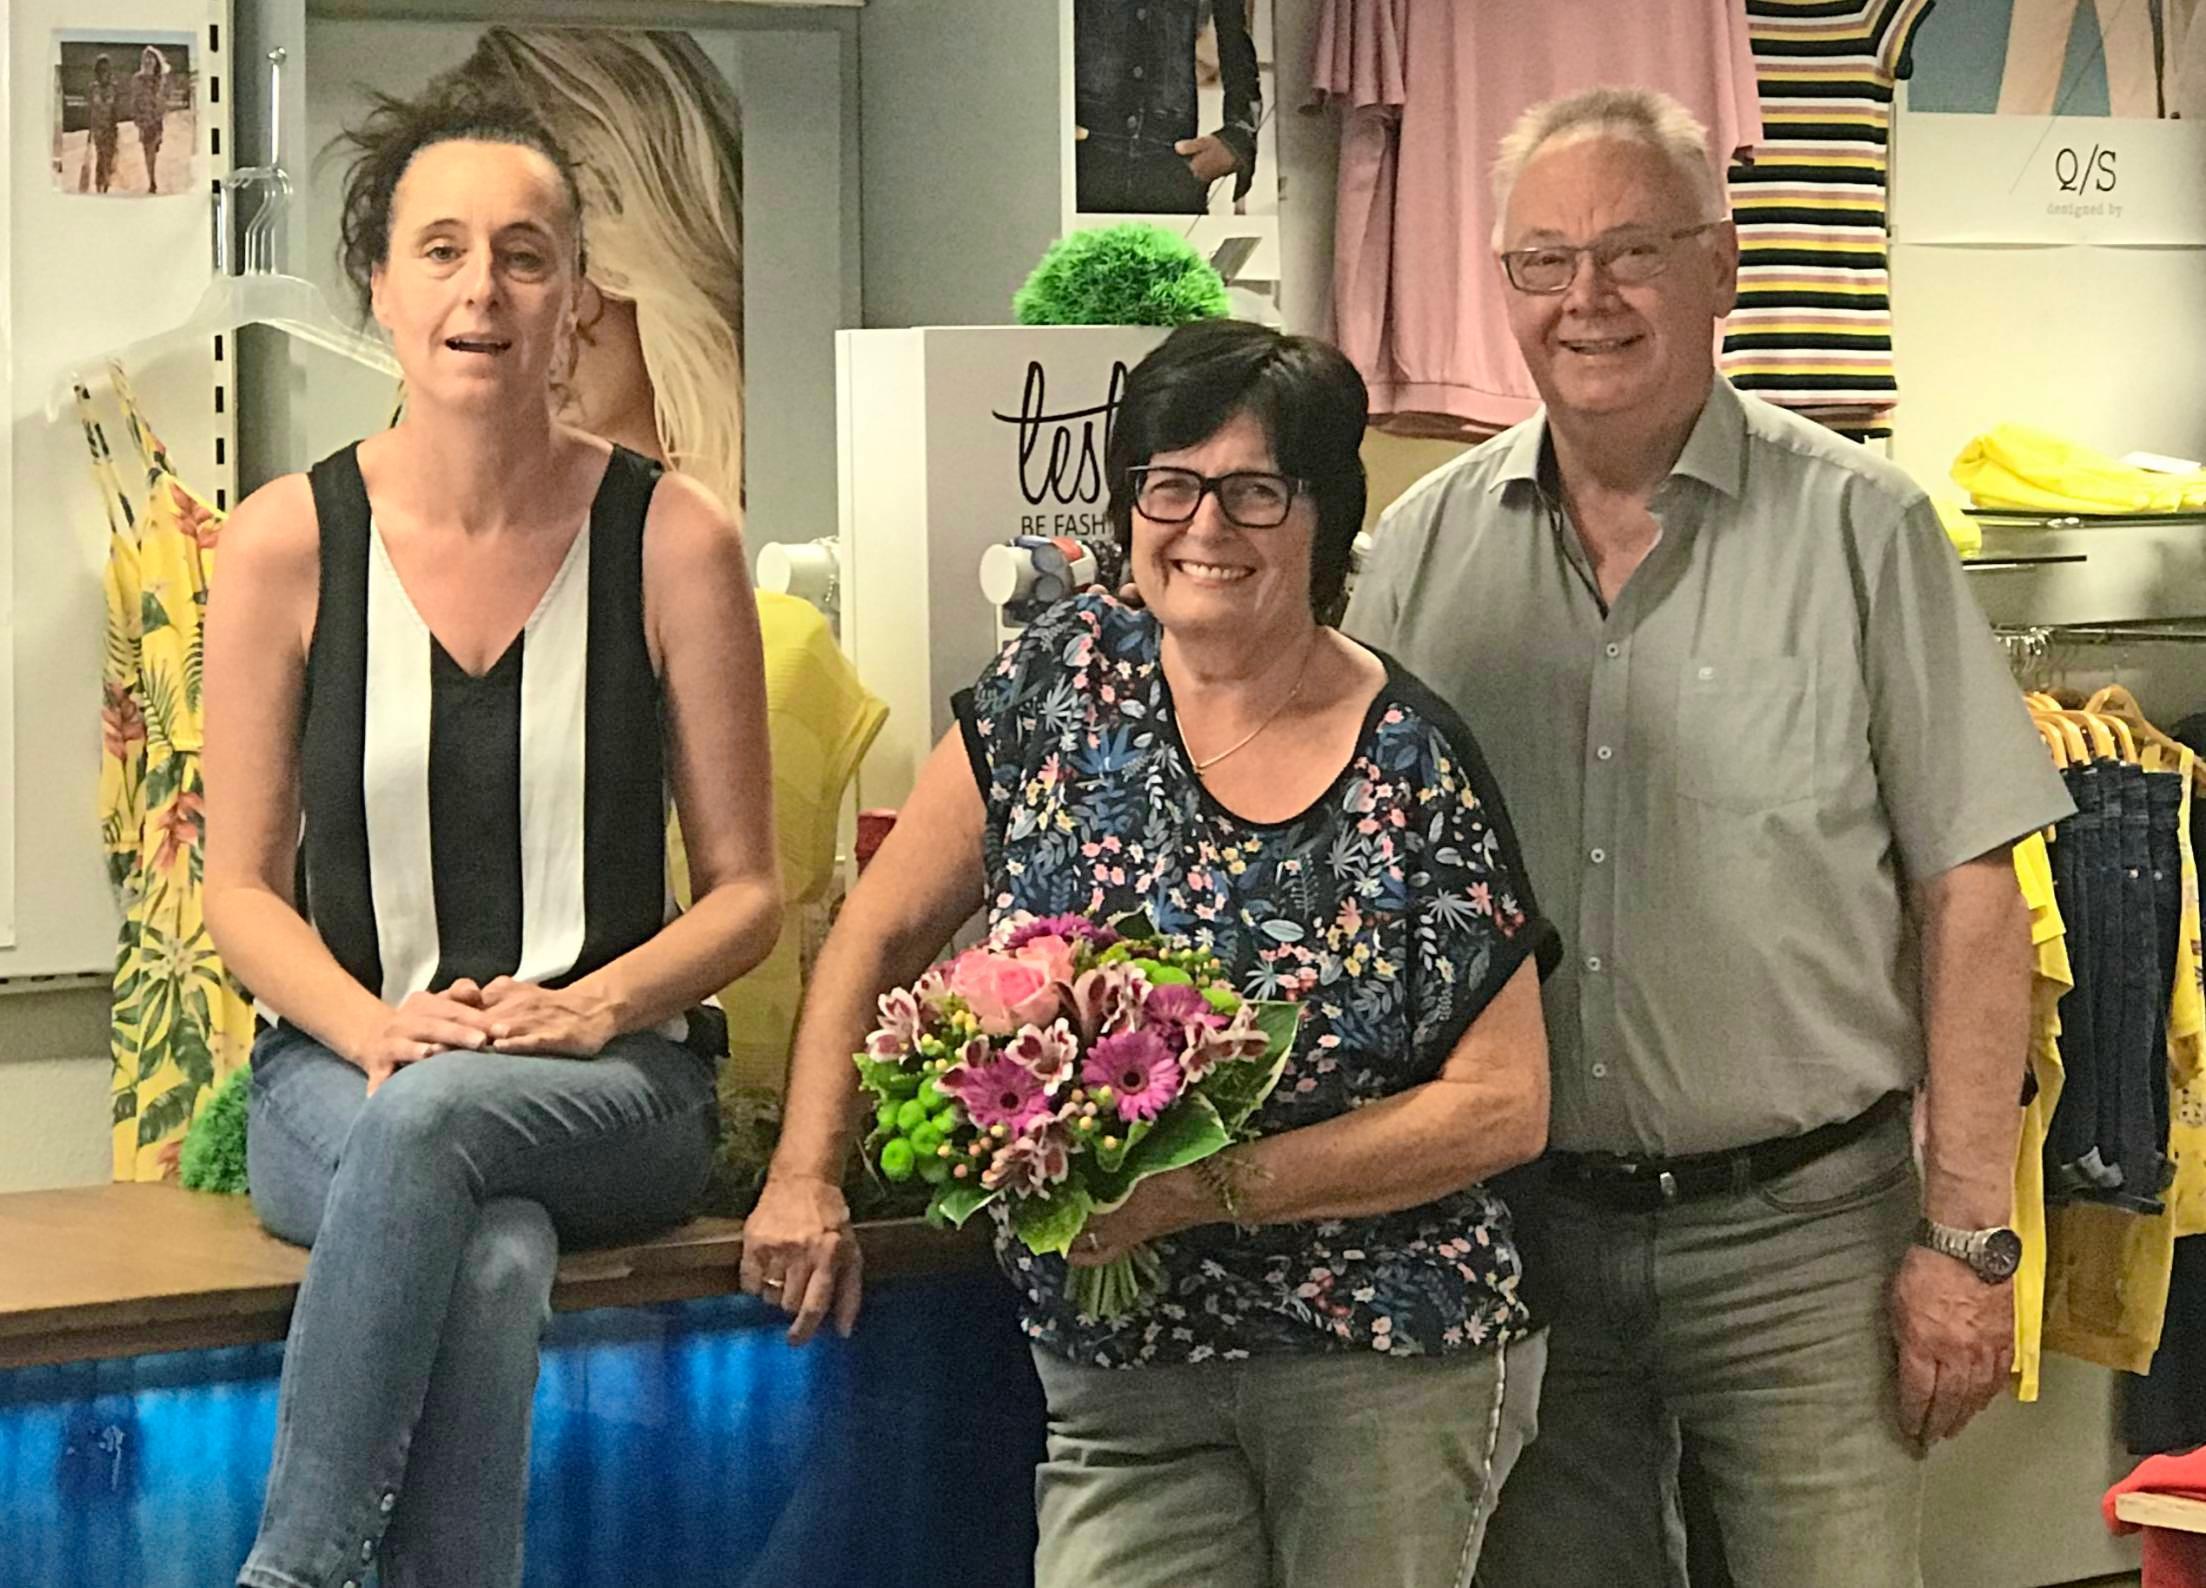 Holzhäuer feiert 70. Geburtstag – und mit ihm die beiden Seniorchefs Rosemarie und Alfred. Links Juniochefin Sylvia Rauschmaier. Foto: privat